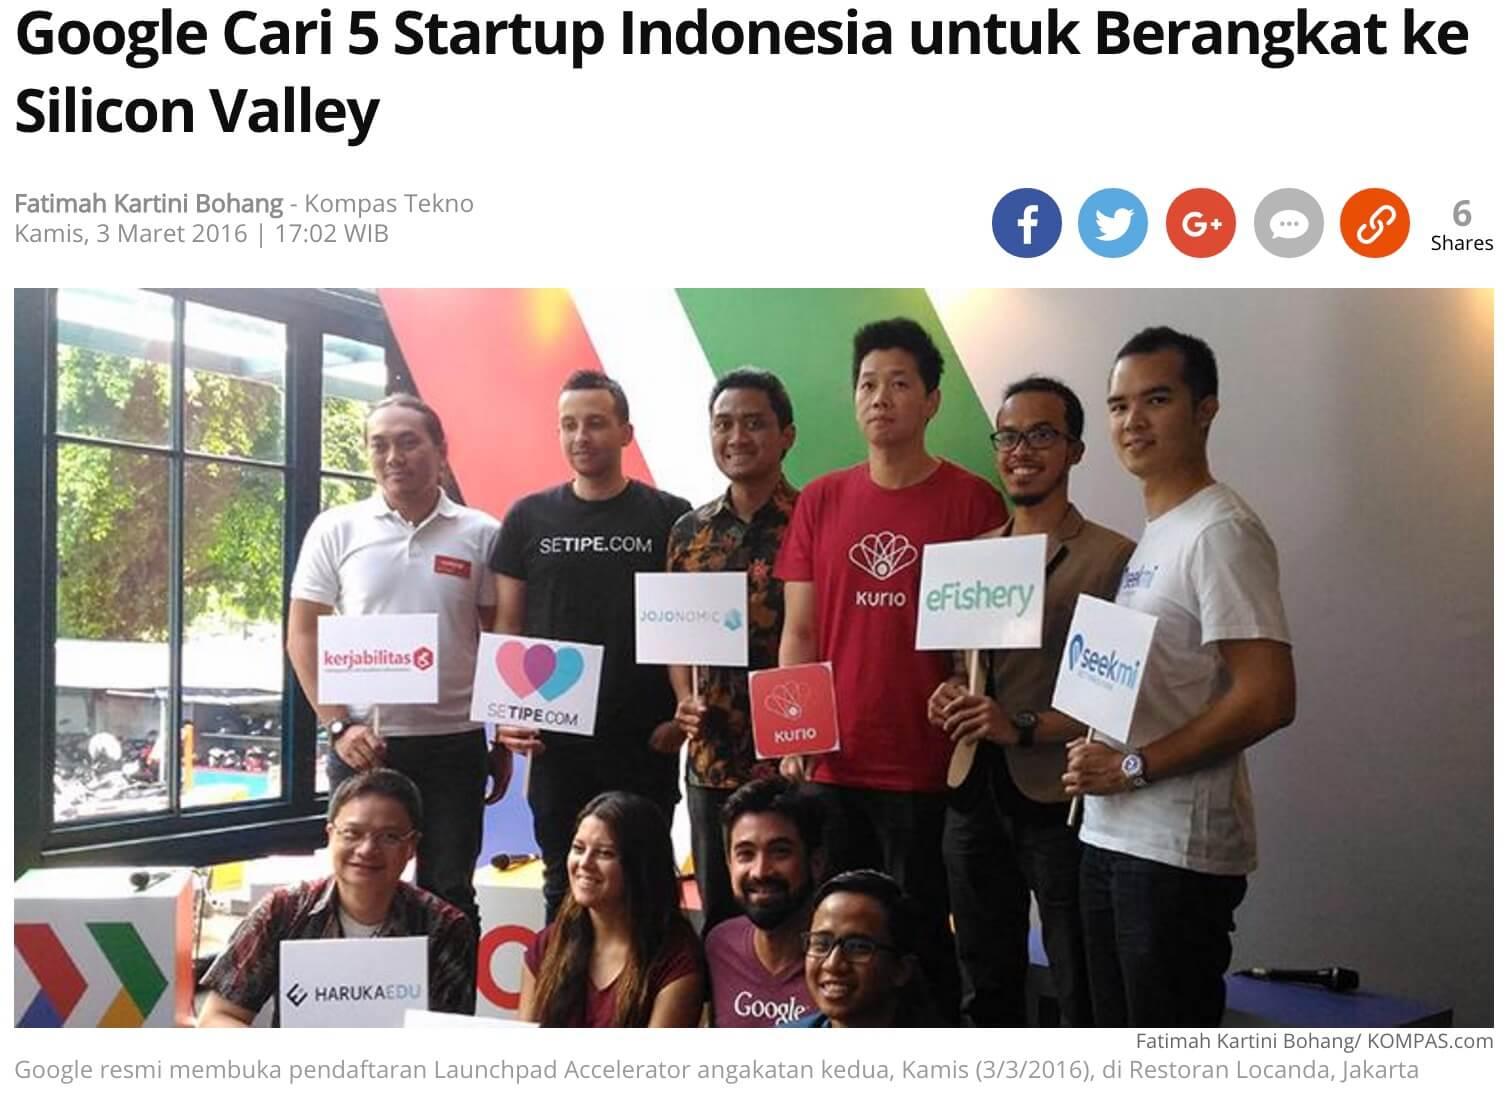 「Googleは、シリコンバレーに向かうインドネシアのスタートアップ企業を5社探している」とのKompas記事より